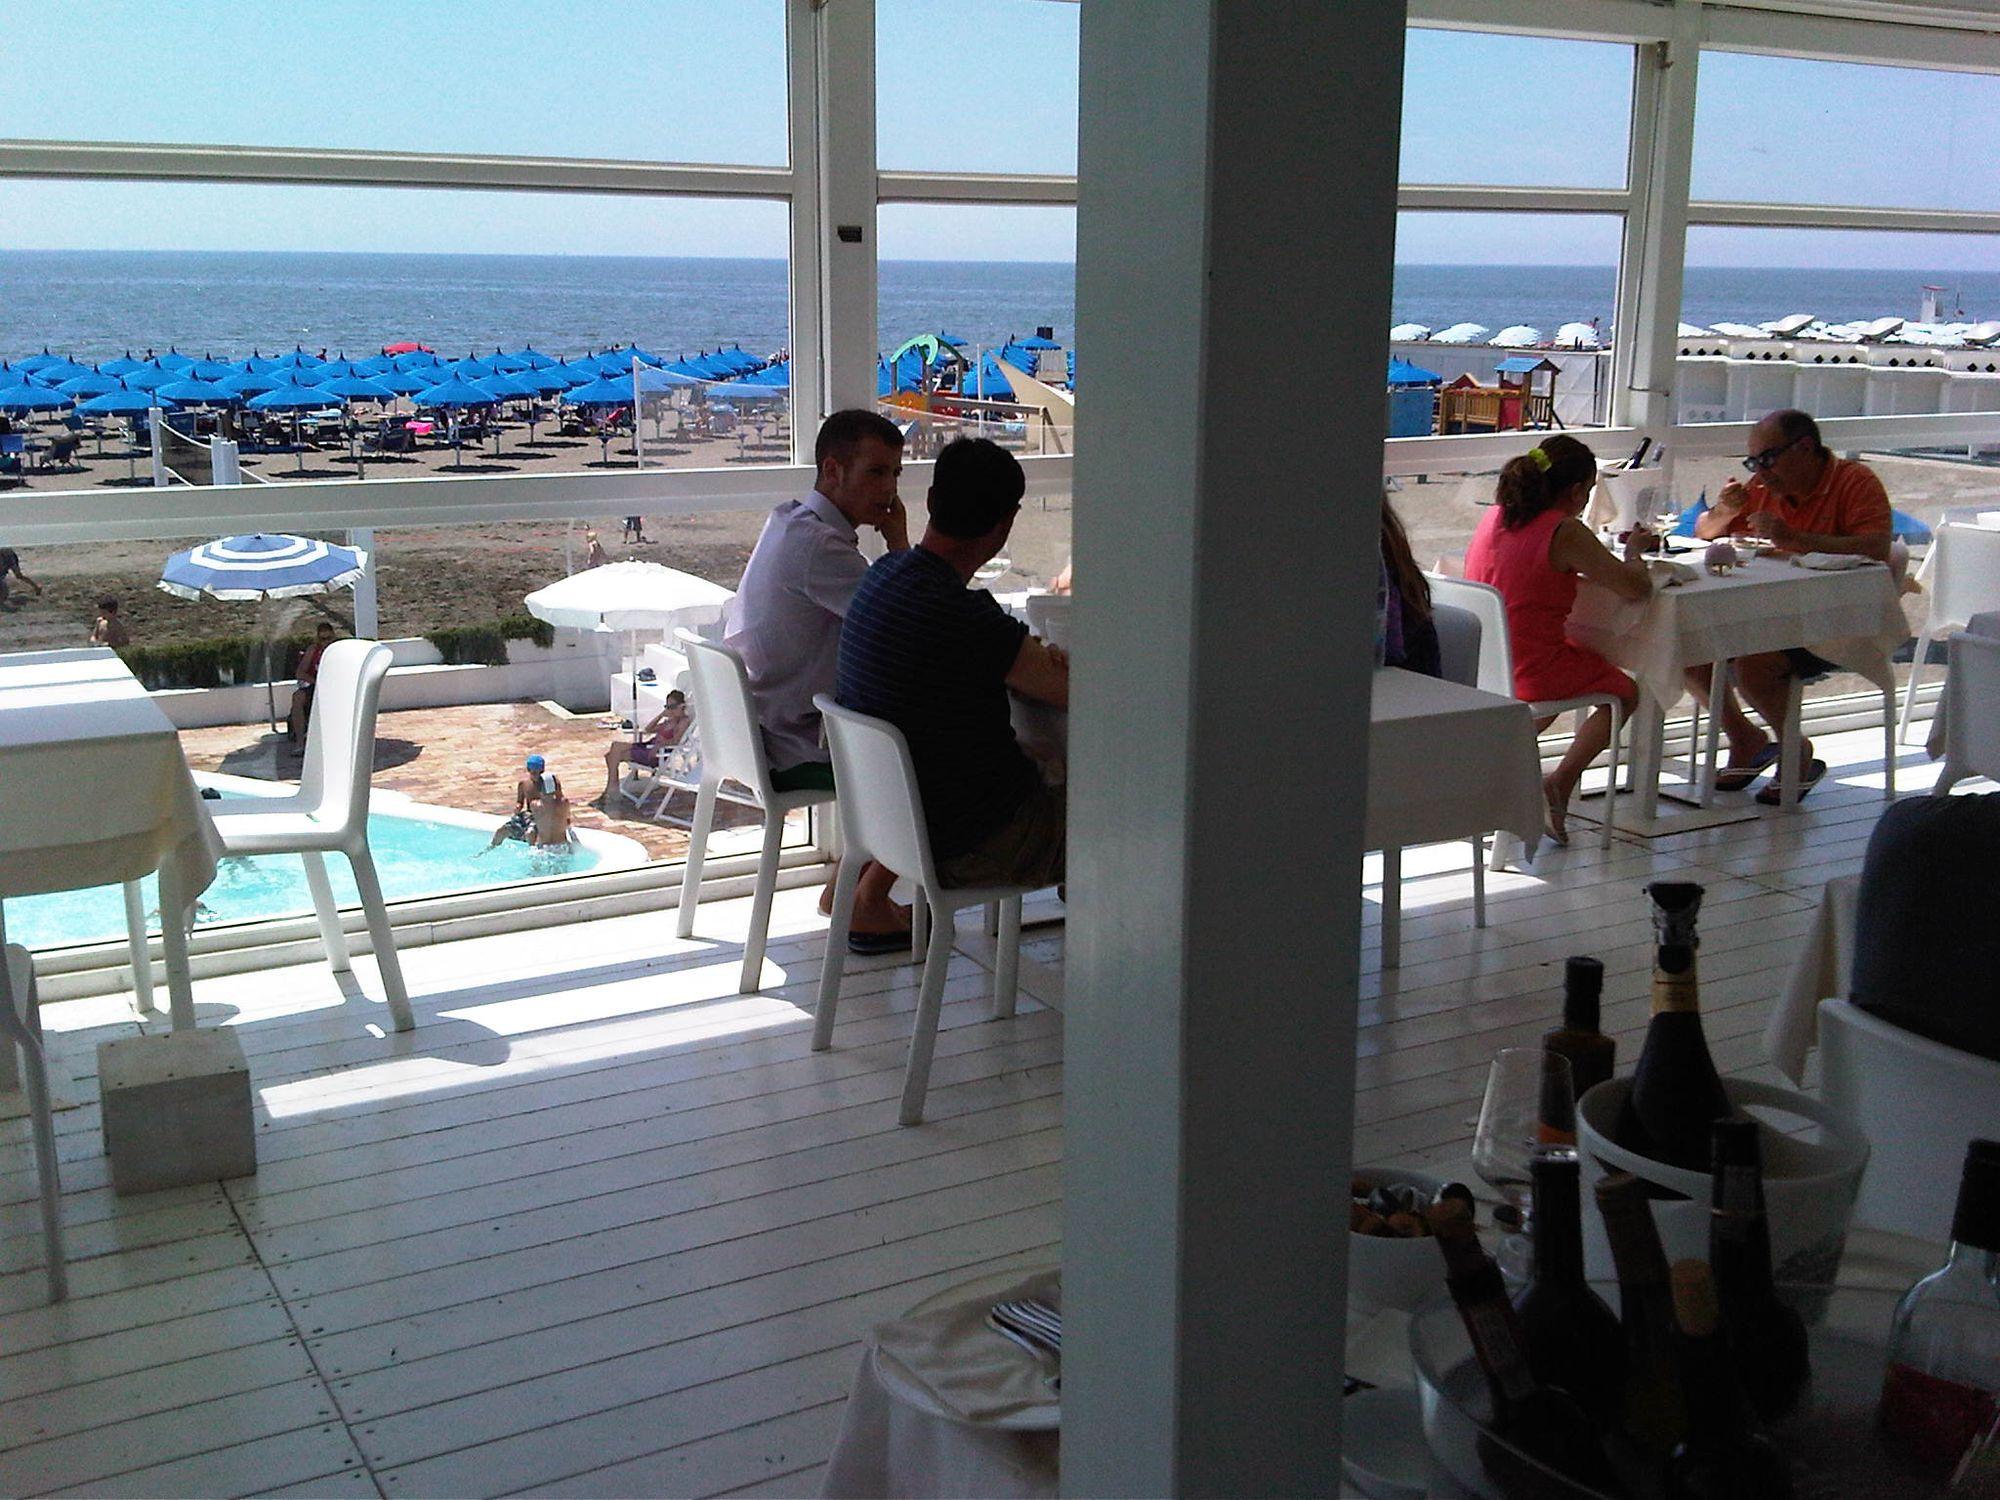 Pranzo al mare e al lago nel weekend sul litorale romano - Da roma porta verso il mare ...